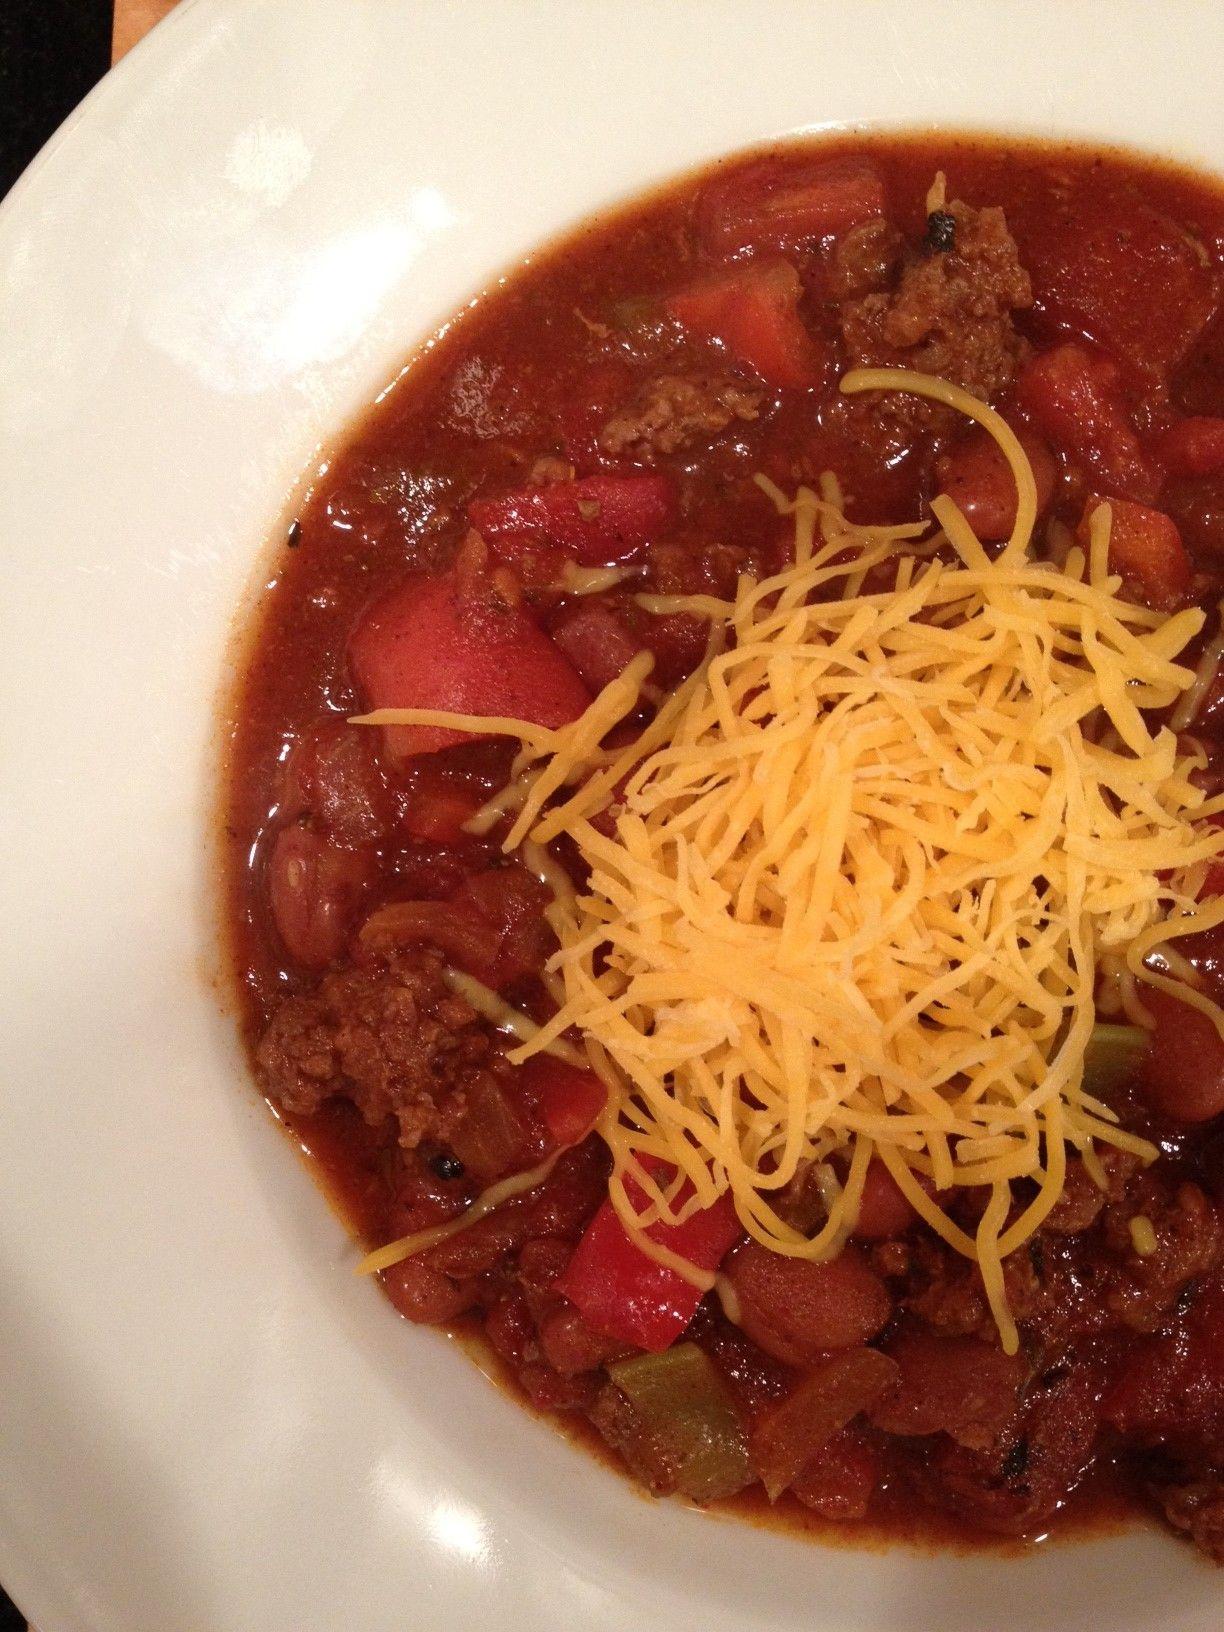 Bison 5 Alarm Chili Recipe